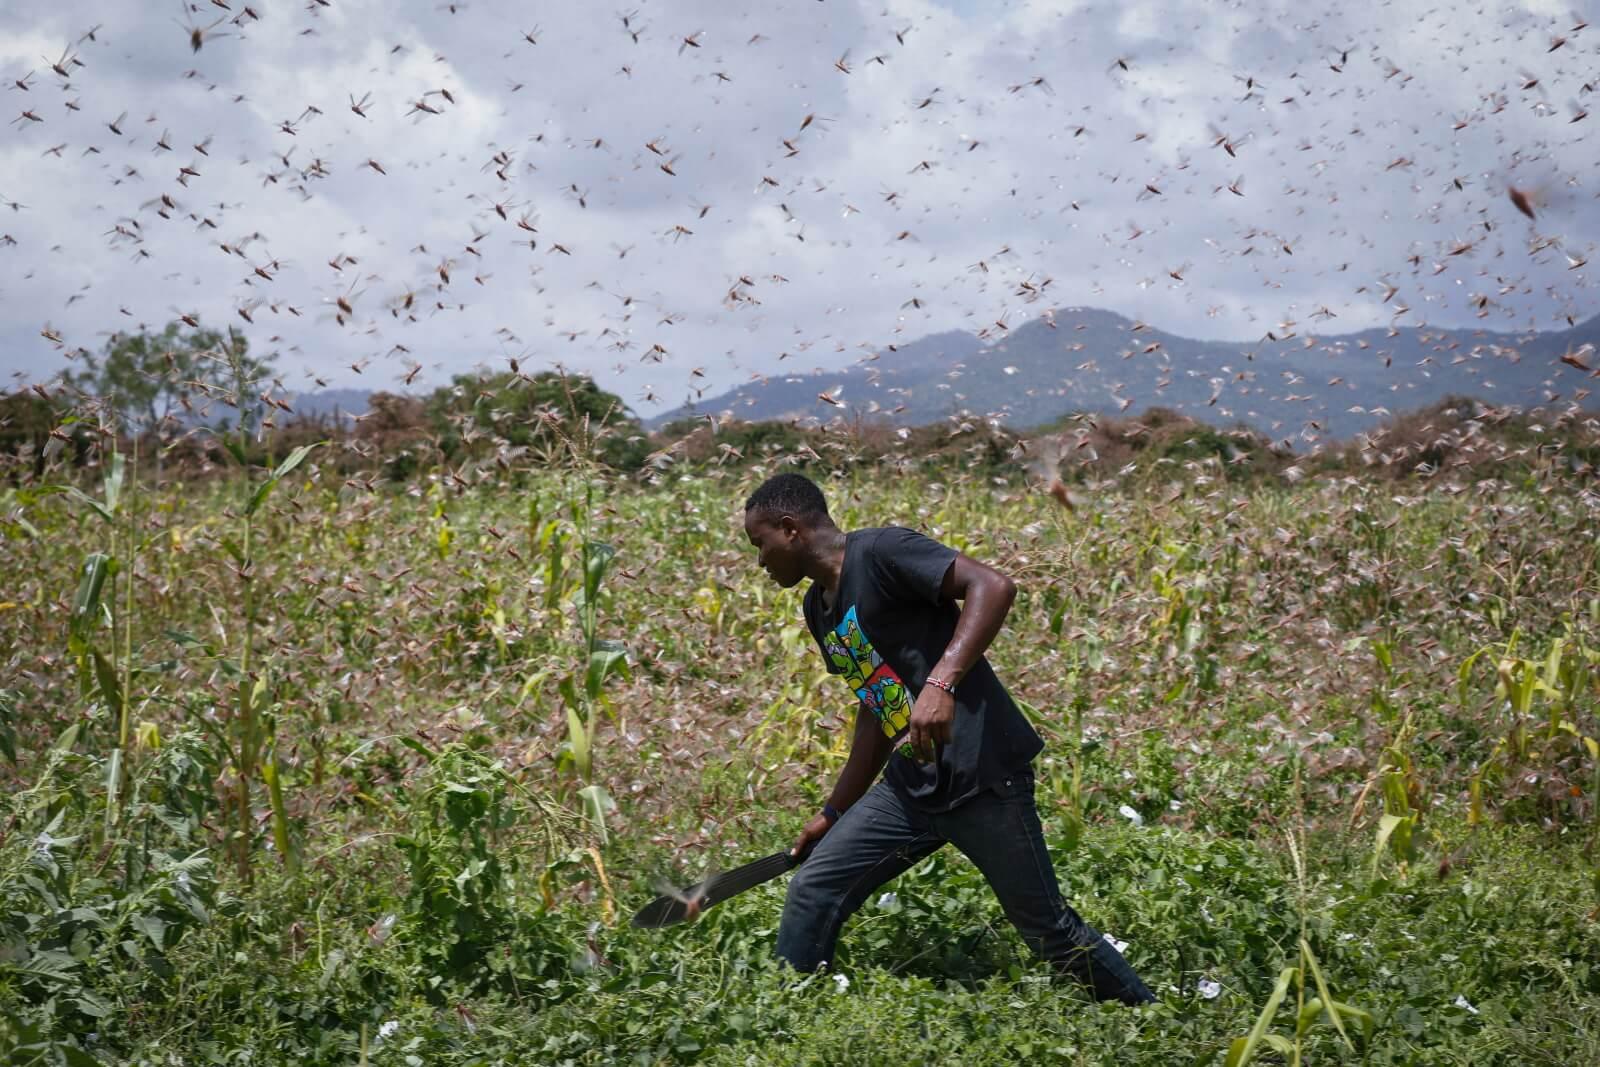 Kryzys upraw w Kenii fot. EPA/DAI KUROKAWA